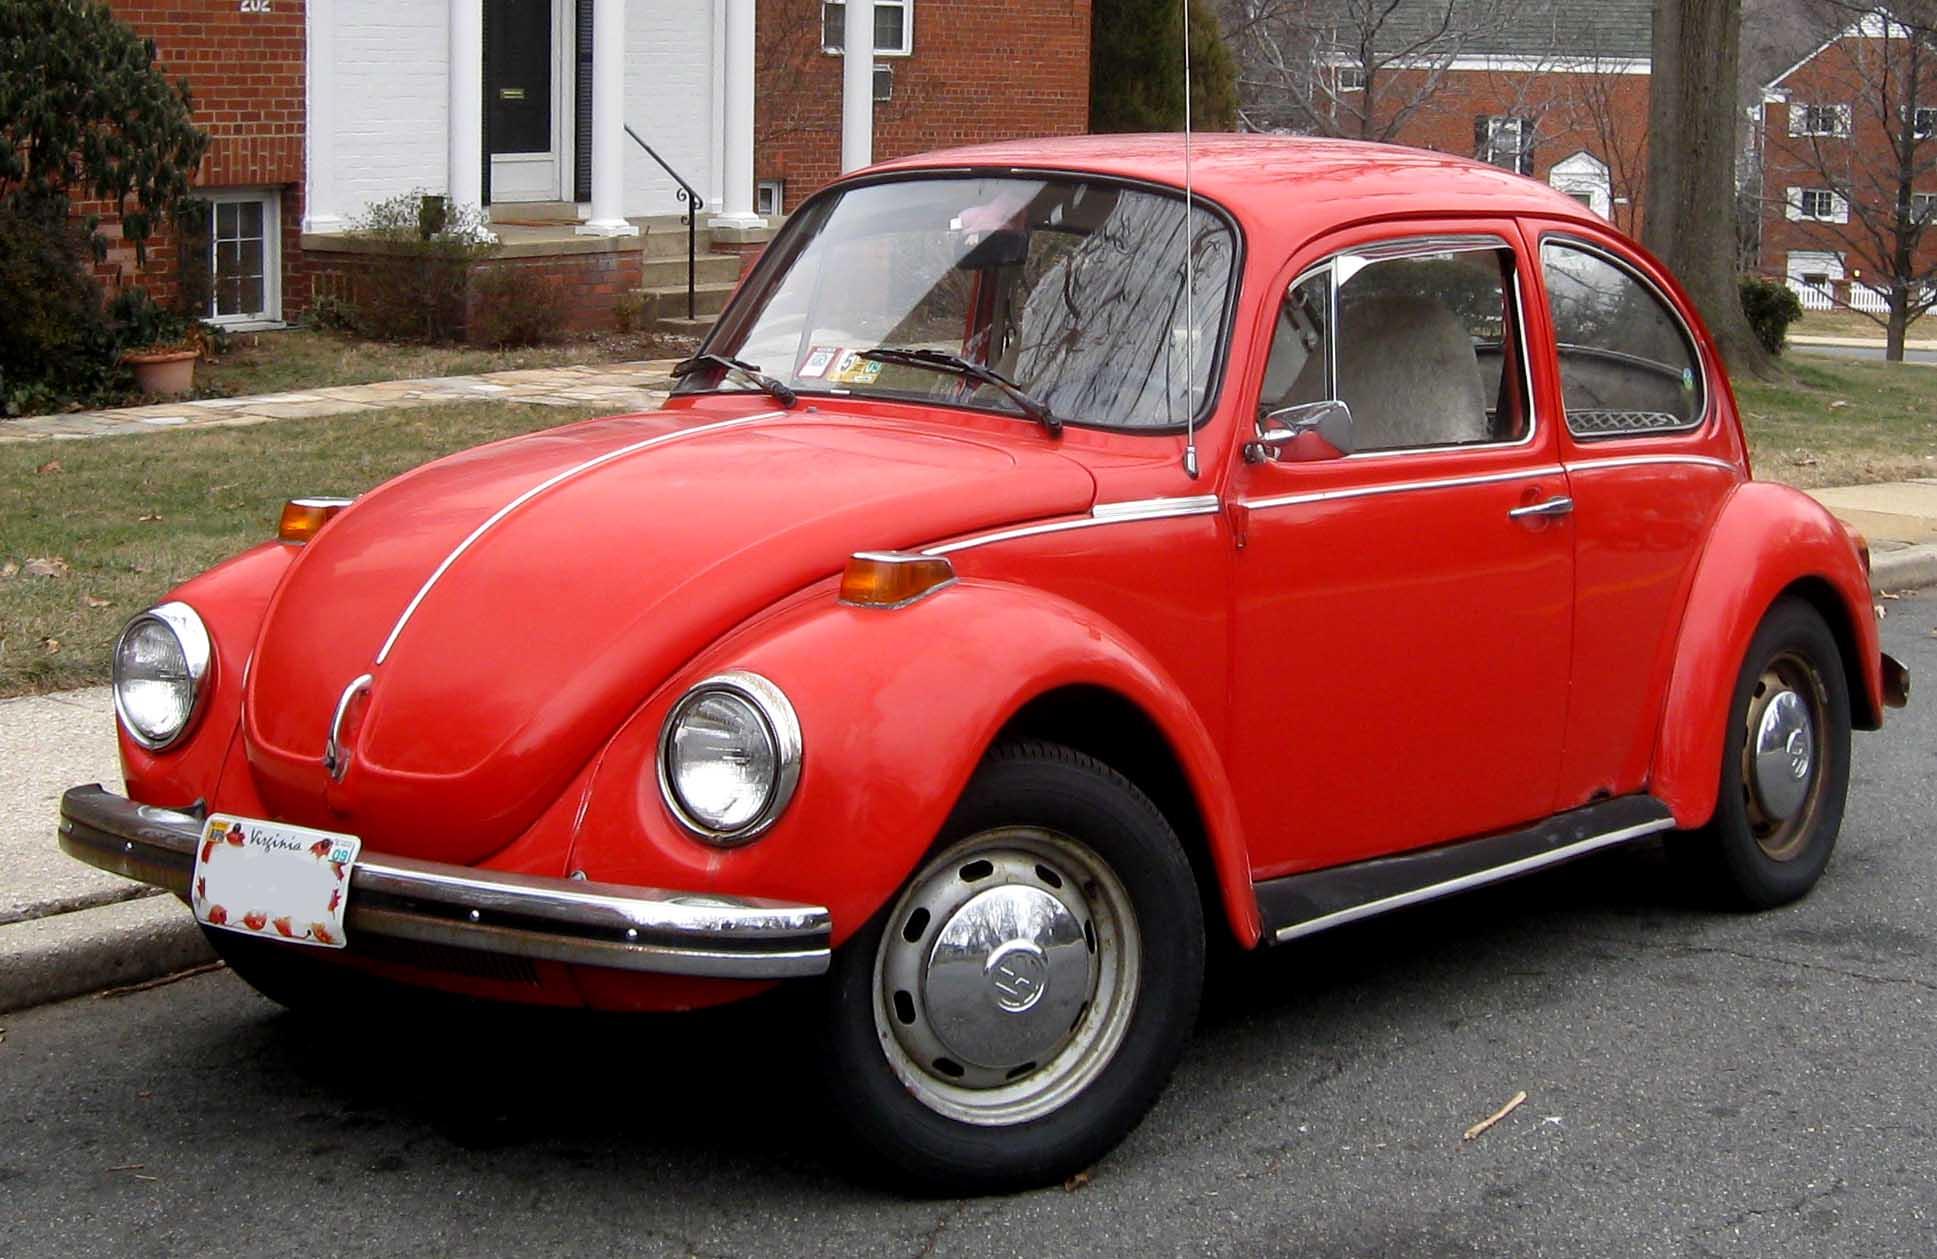 Volkswagen Beetle, Volkswagen Beetle red, Volkswagen Beetle buy